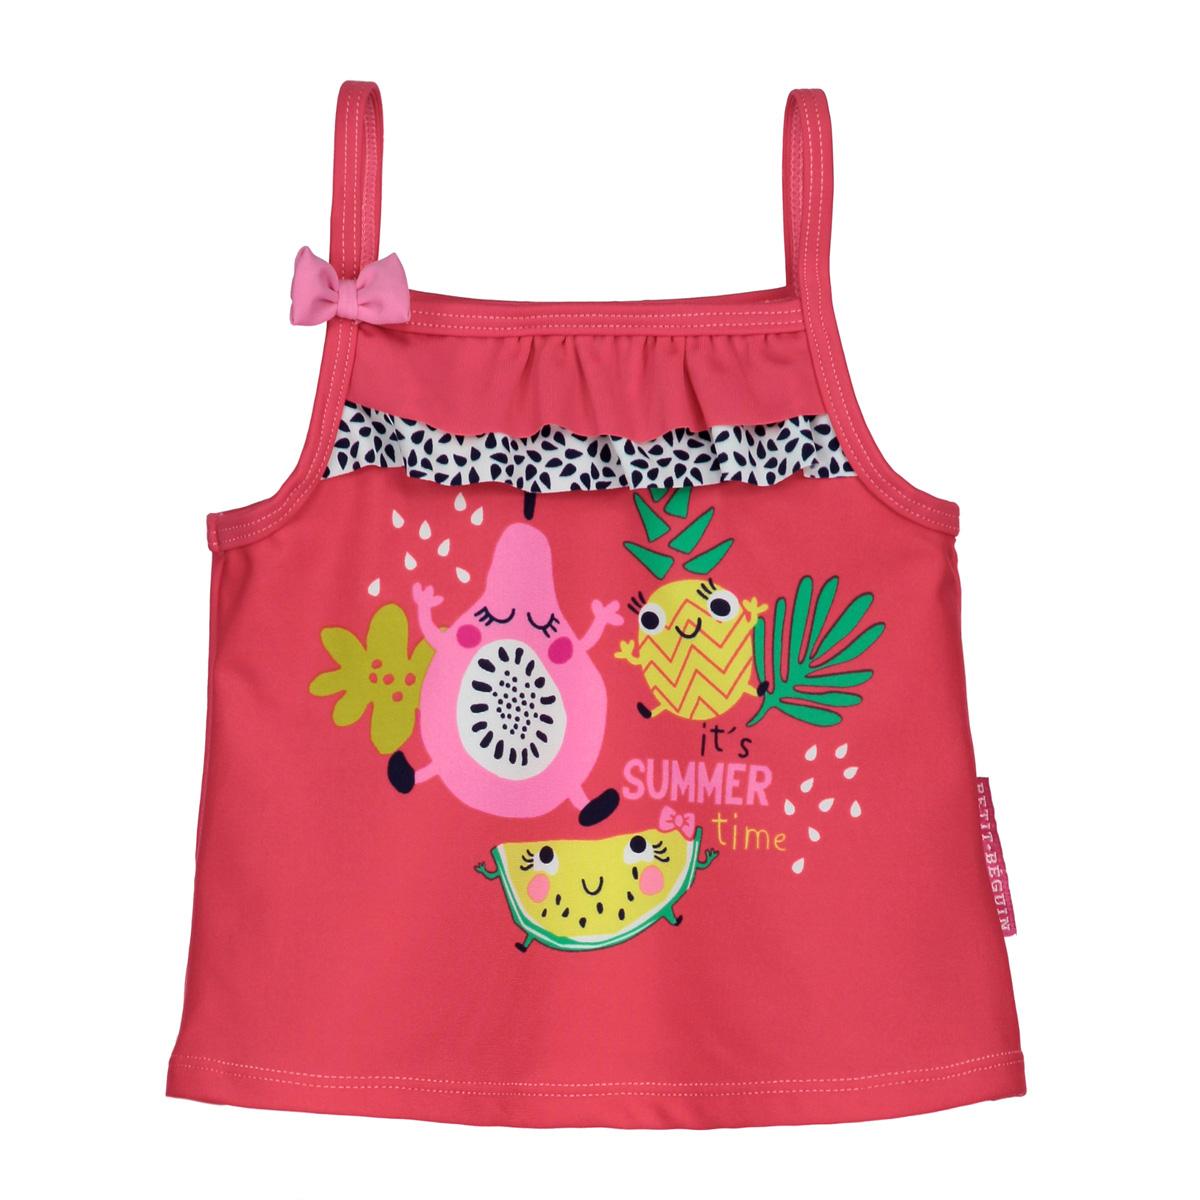 Maillot de bain 2 pièces top + slip bébé fille Fruity Party